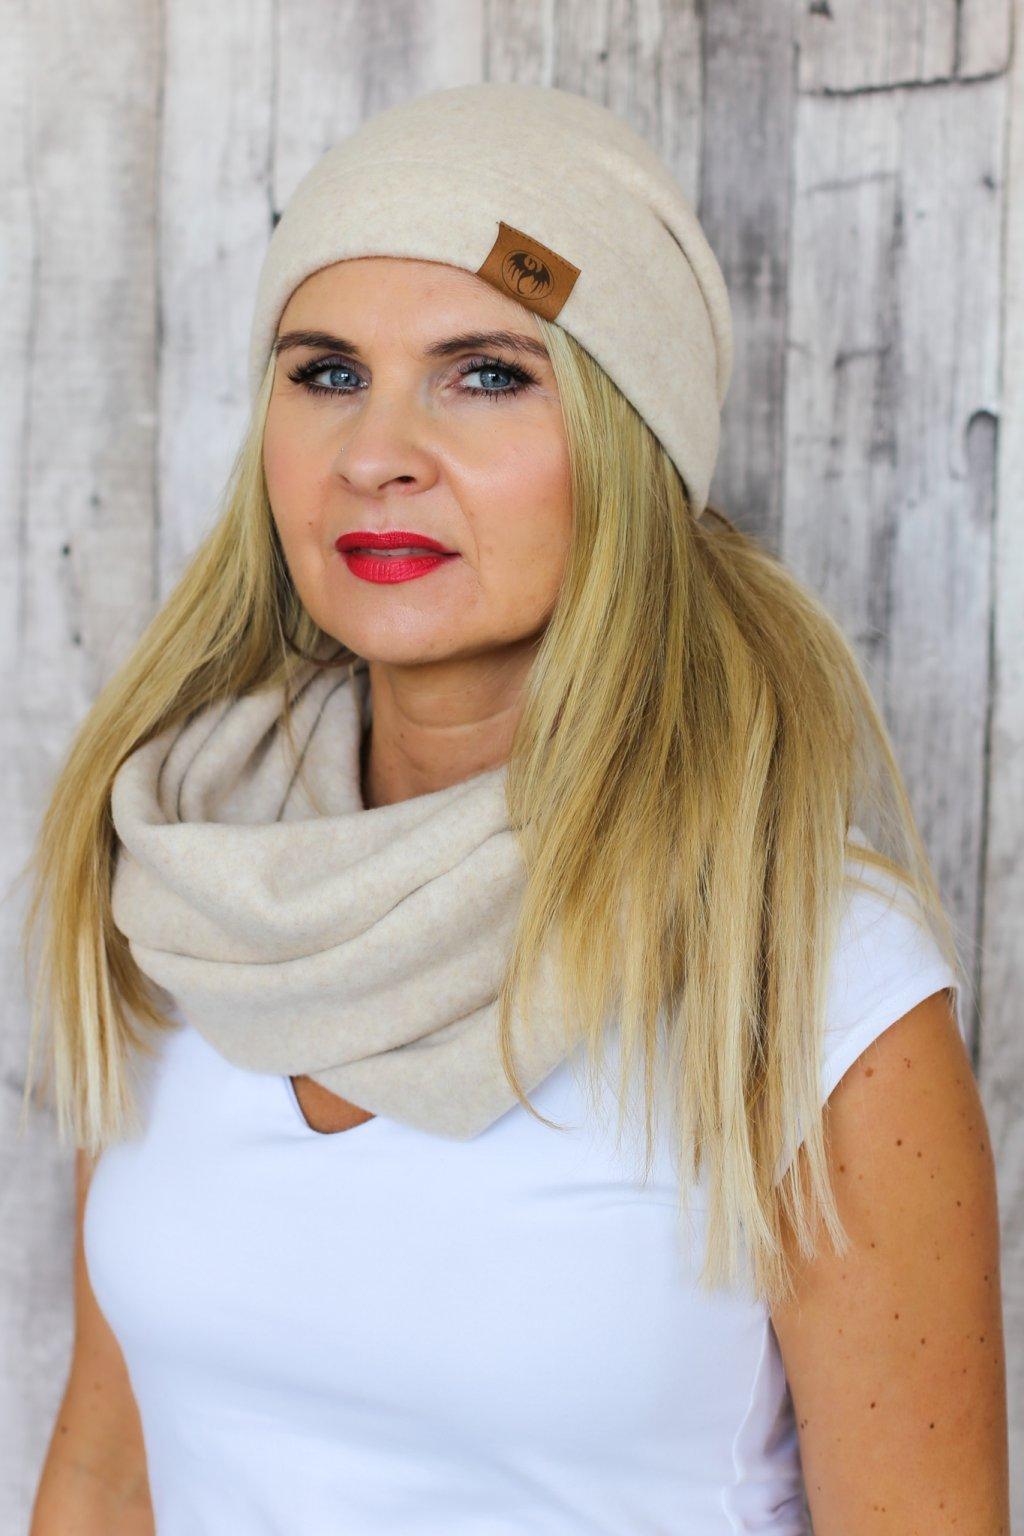 Zateplená čepice Tebea s nášivkou / Béžový fleece